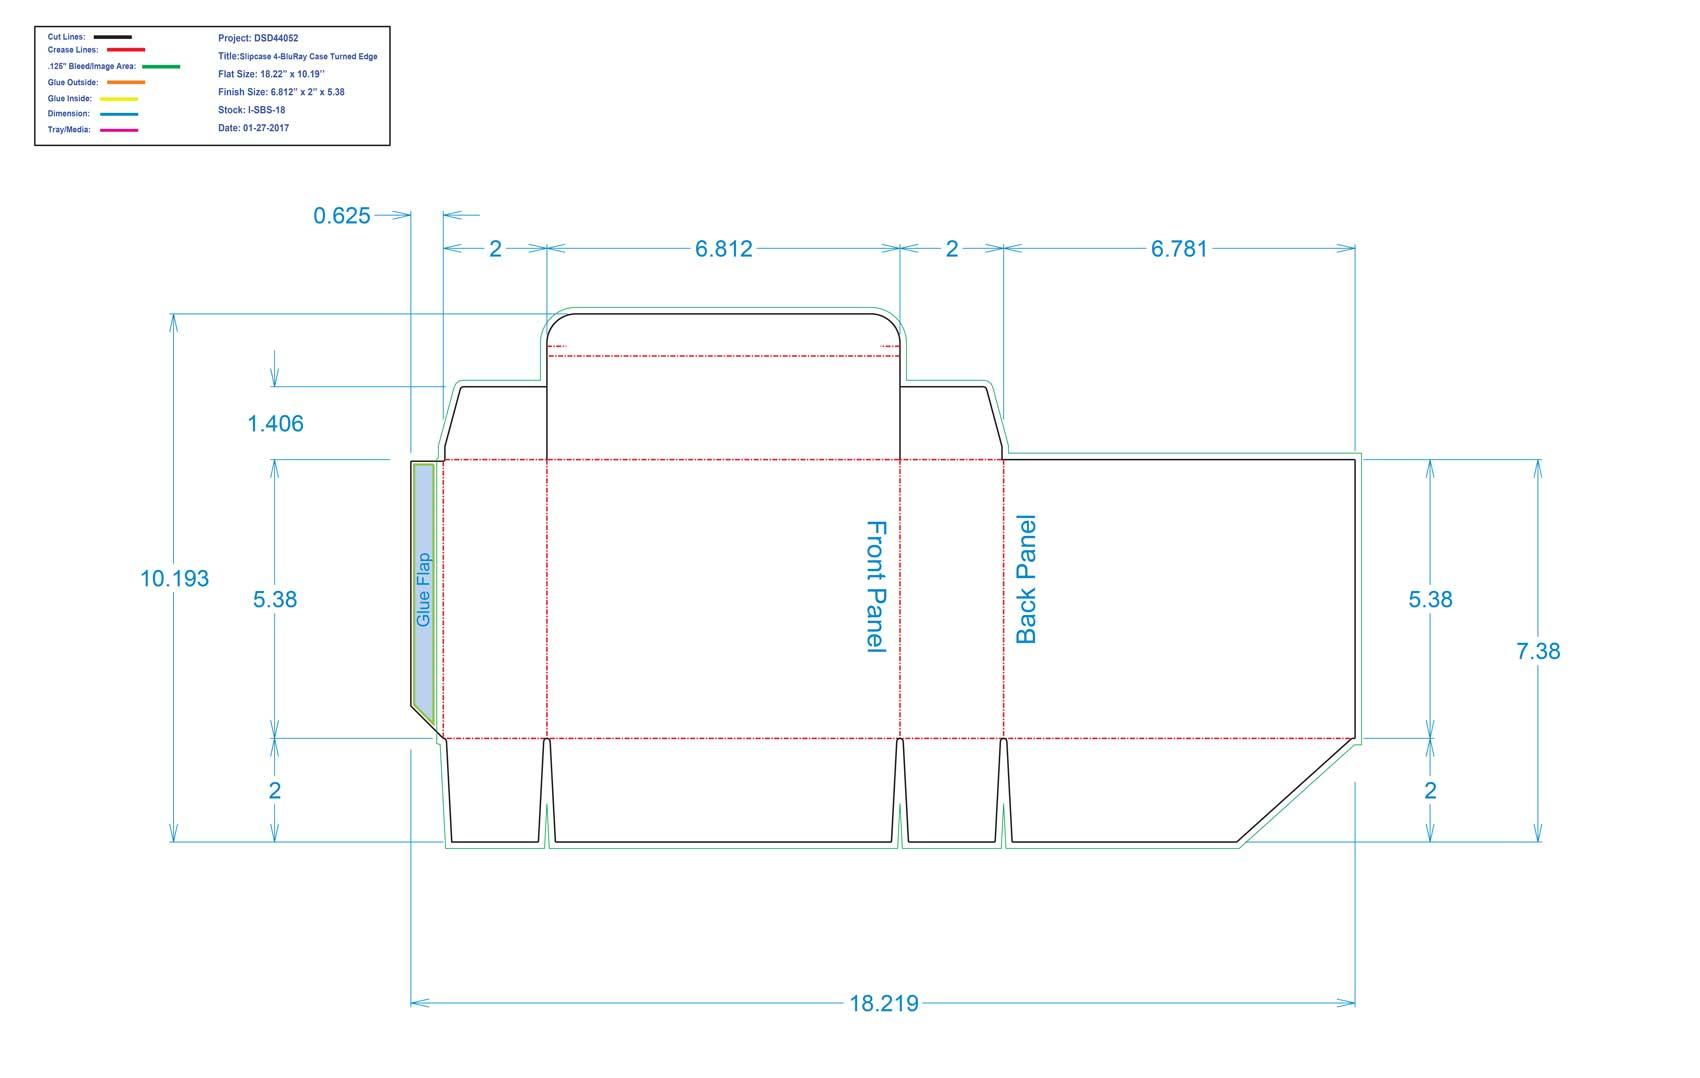 DSD44052-Slipcase 4-BluRay Case Turned Edge